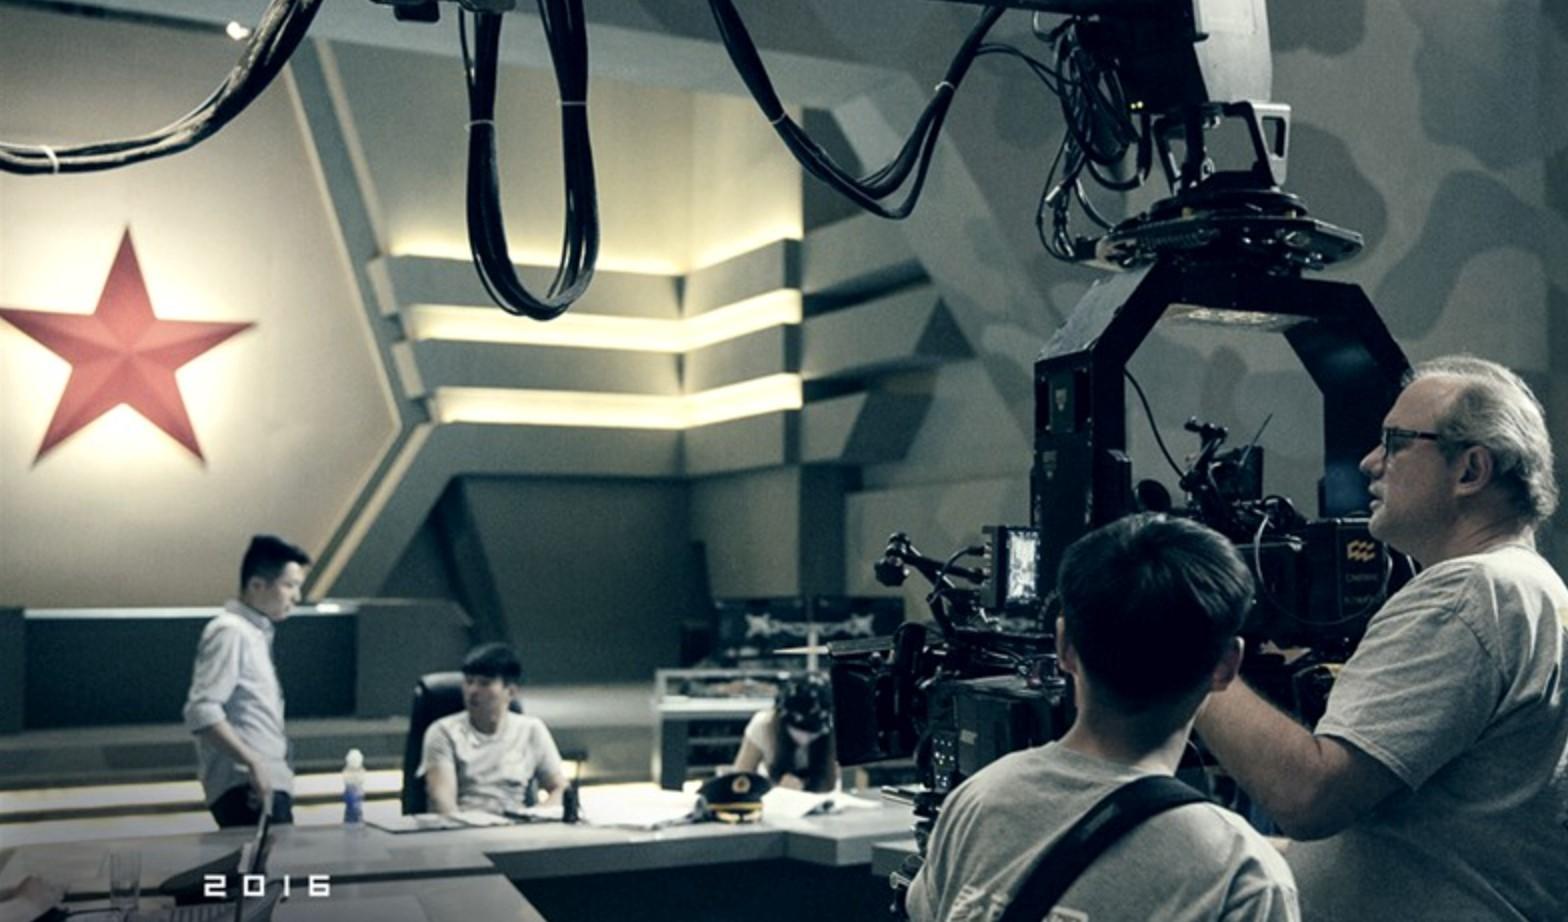 В Китае отравлен продюсер будущего сериала «Задача трёх тел»от Netflix. Подозревают его коллегу